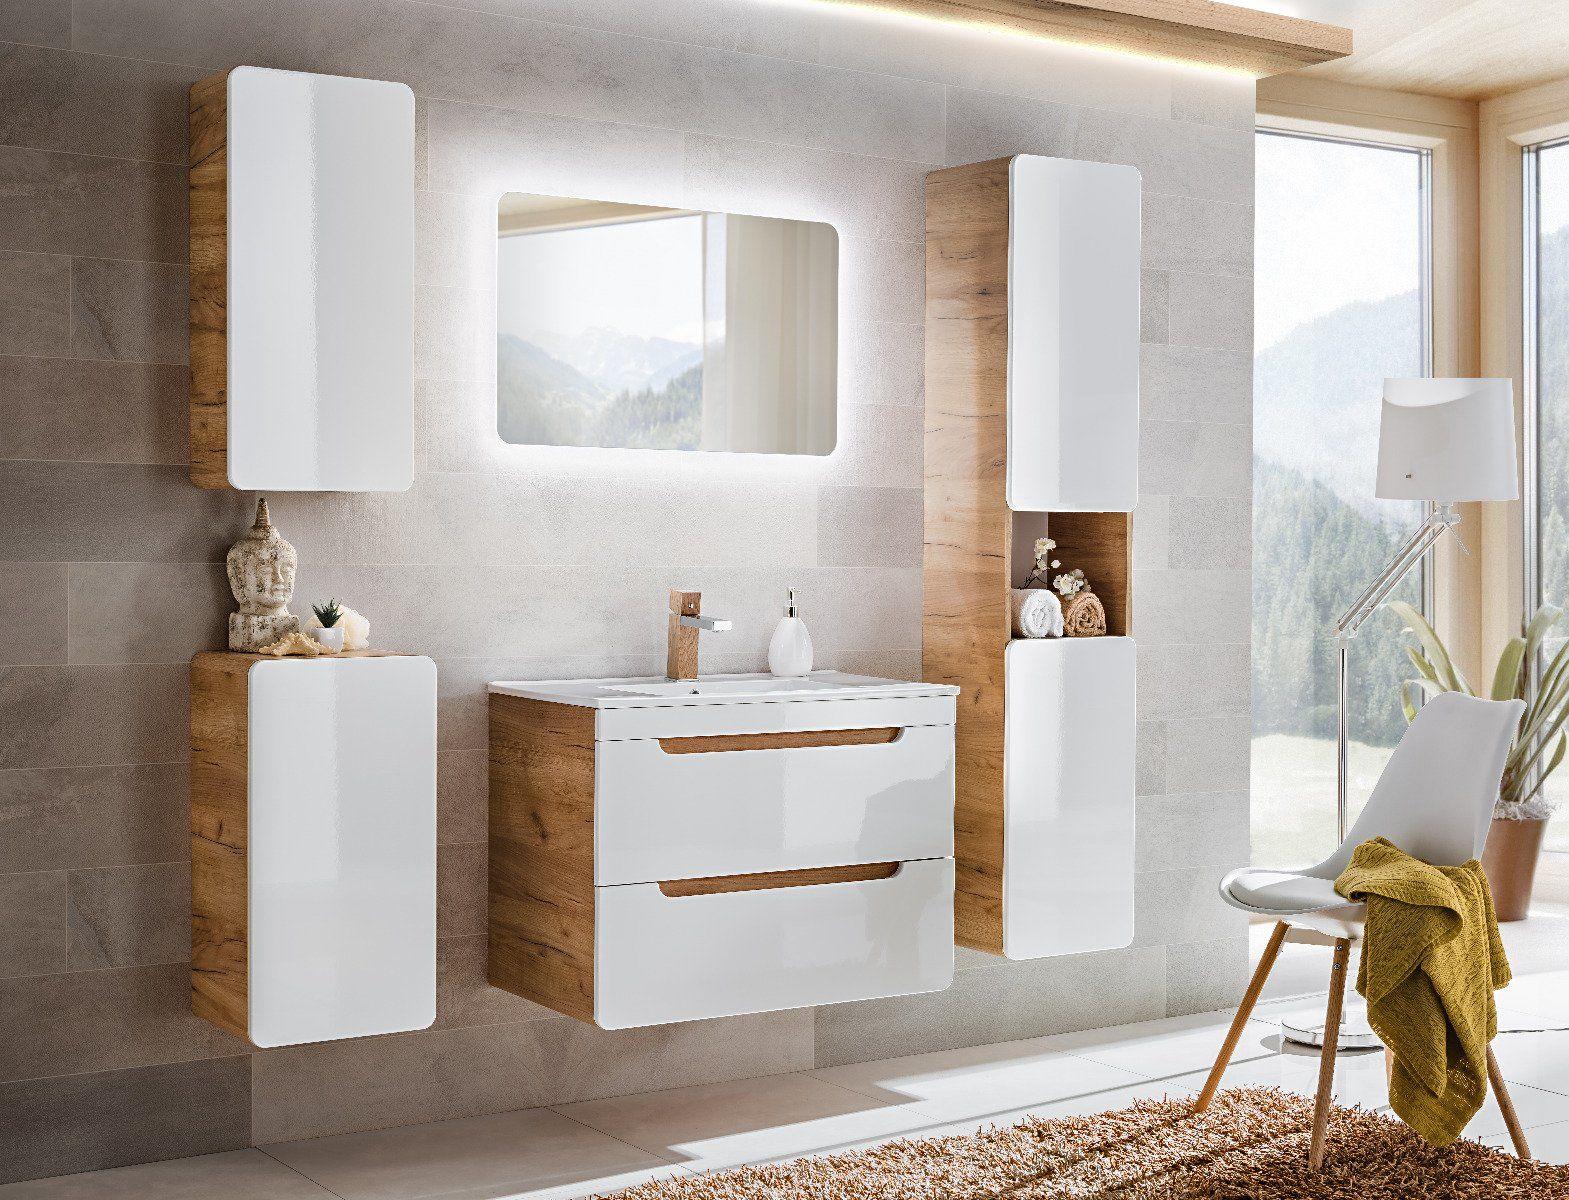 Szafka łazienkowa ARUBA 800 biała/dąb  Kupuj w Sprawdzonych sklepach